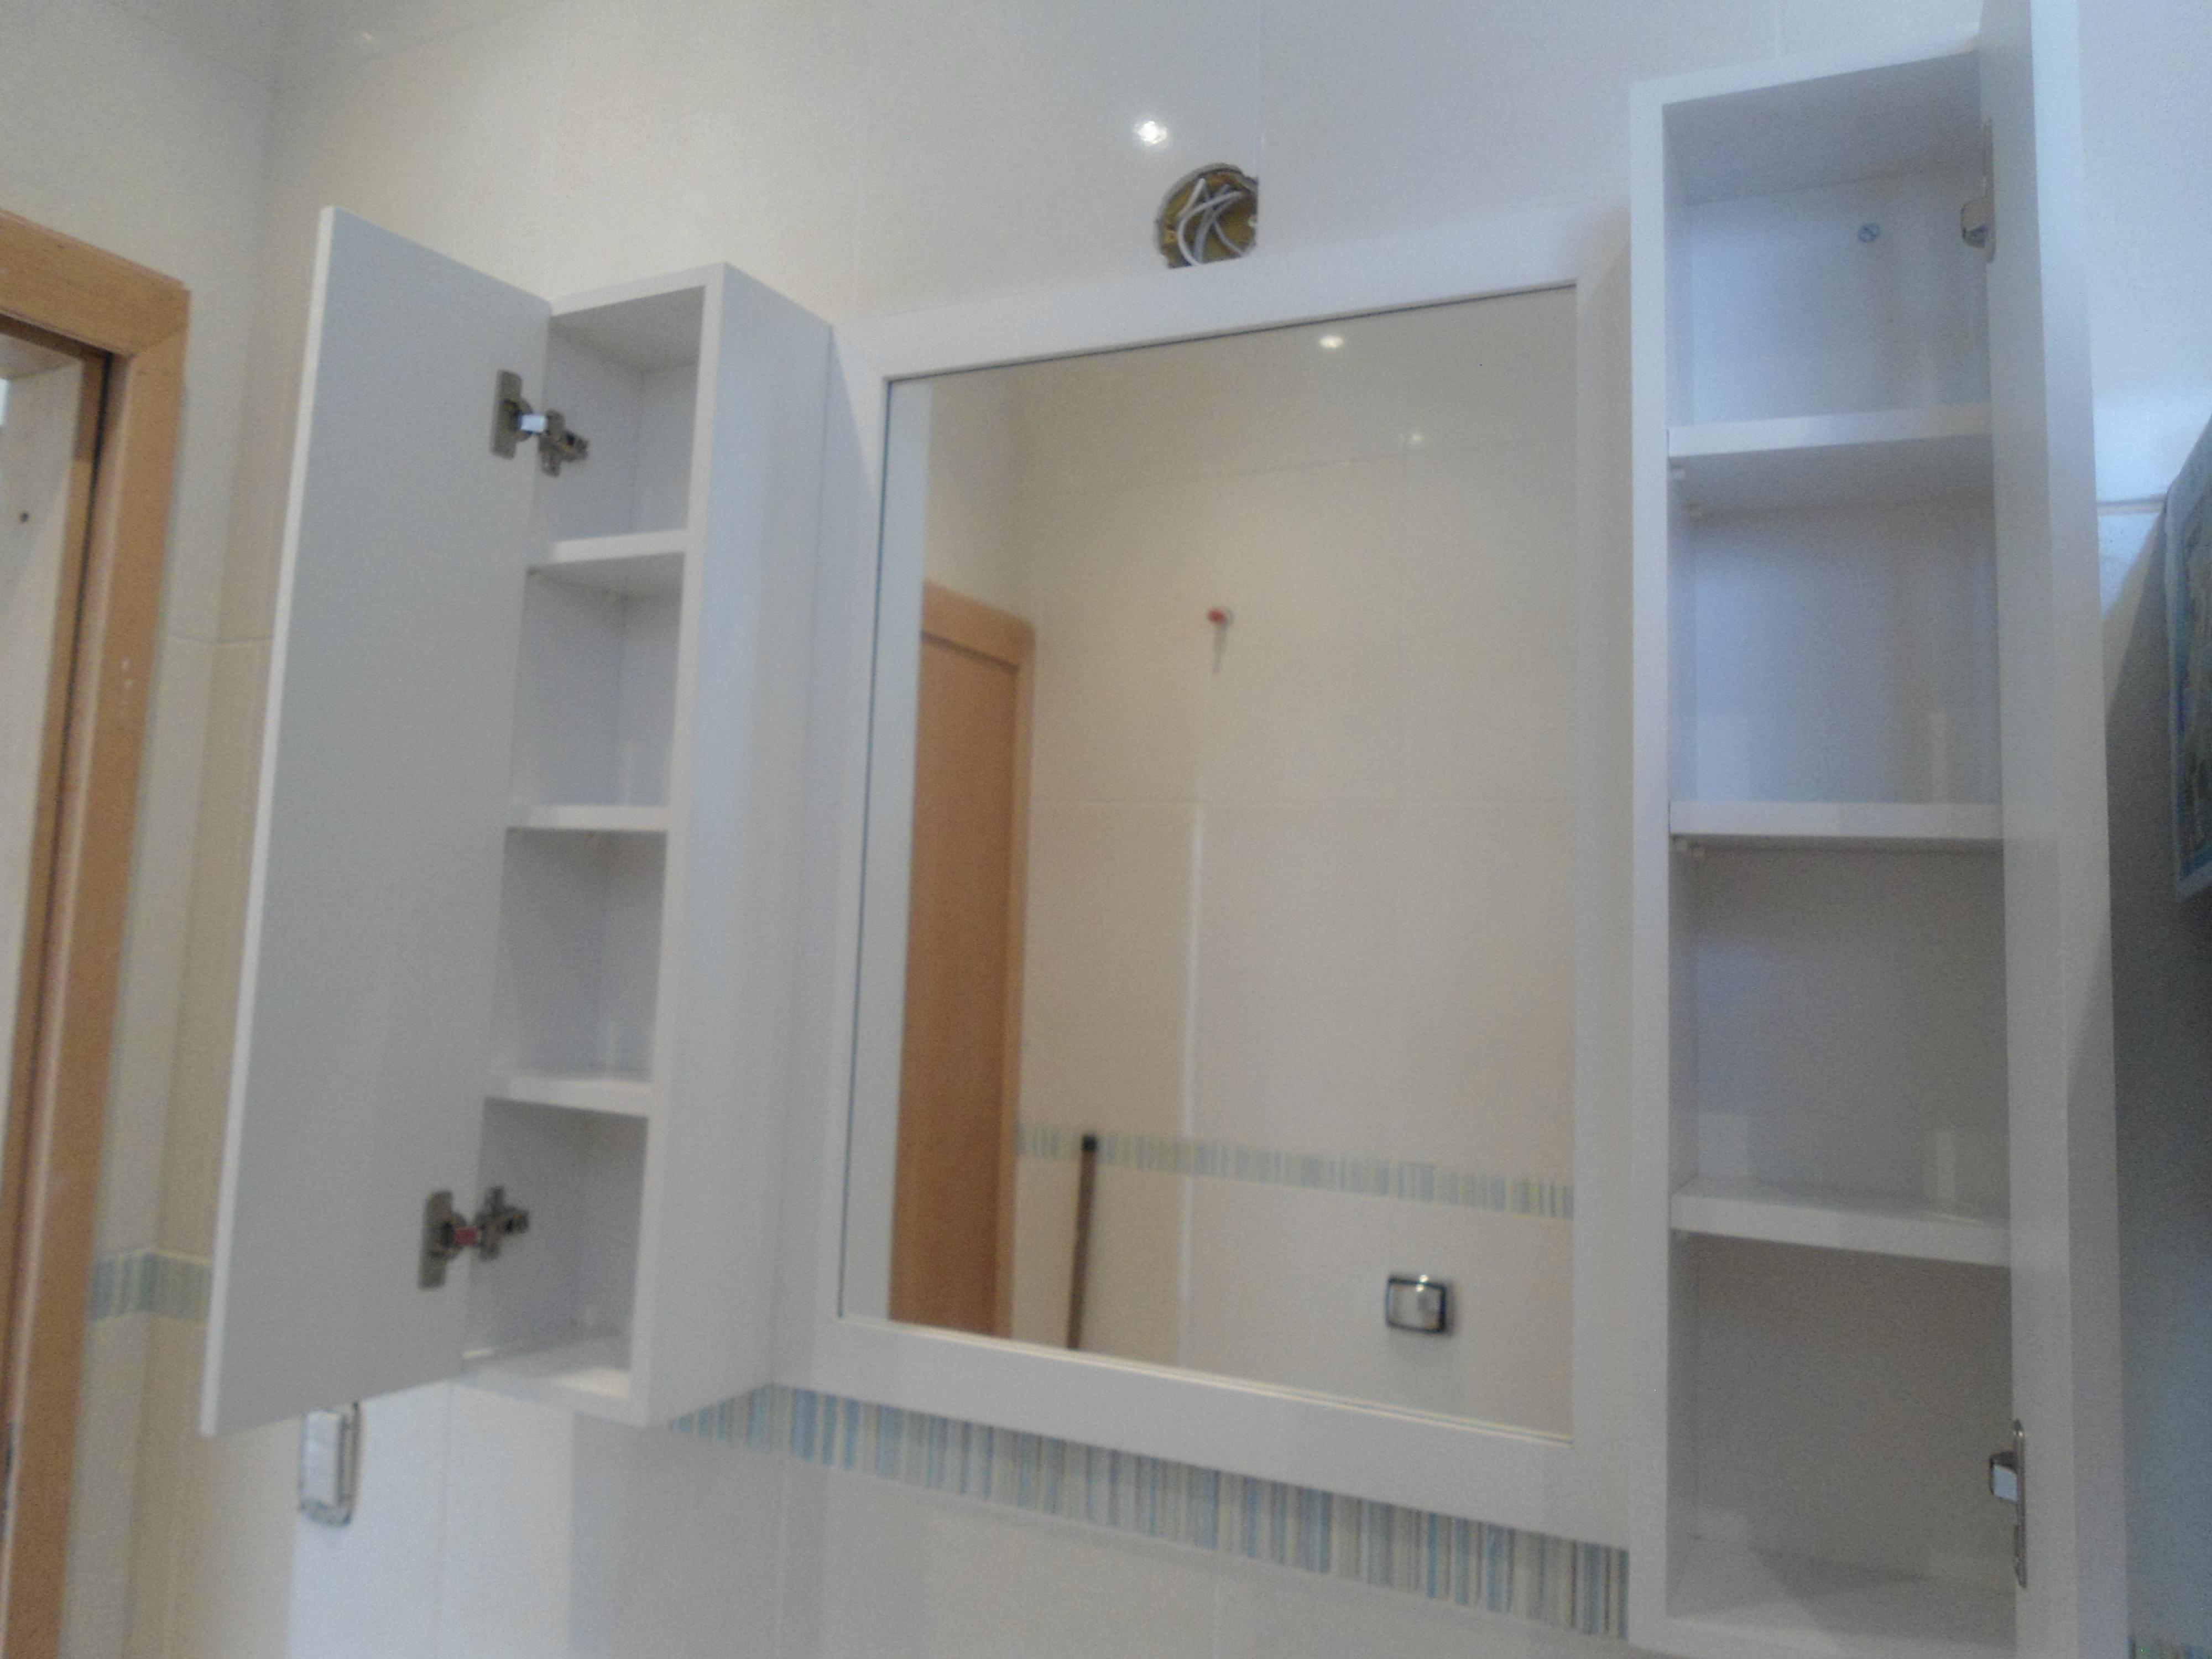 Armário de banheiro  LeandroGPmóveis  Elo7 -> Forrar Armario De Banheiro